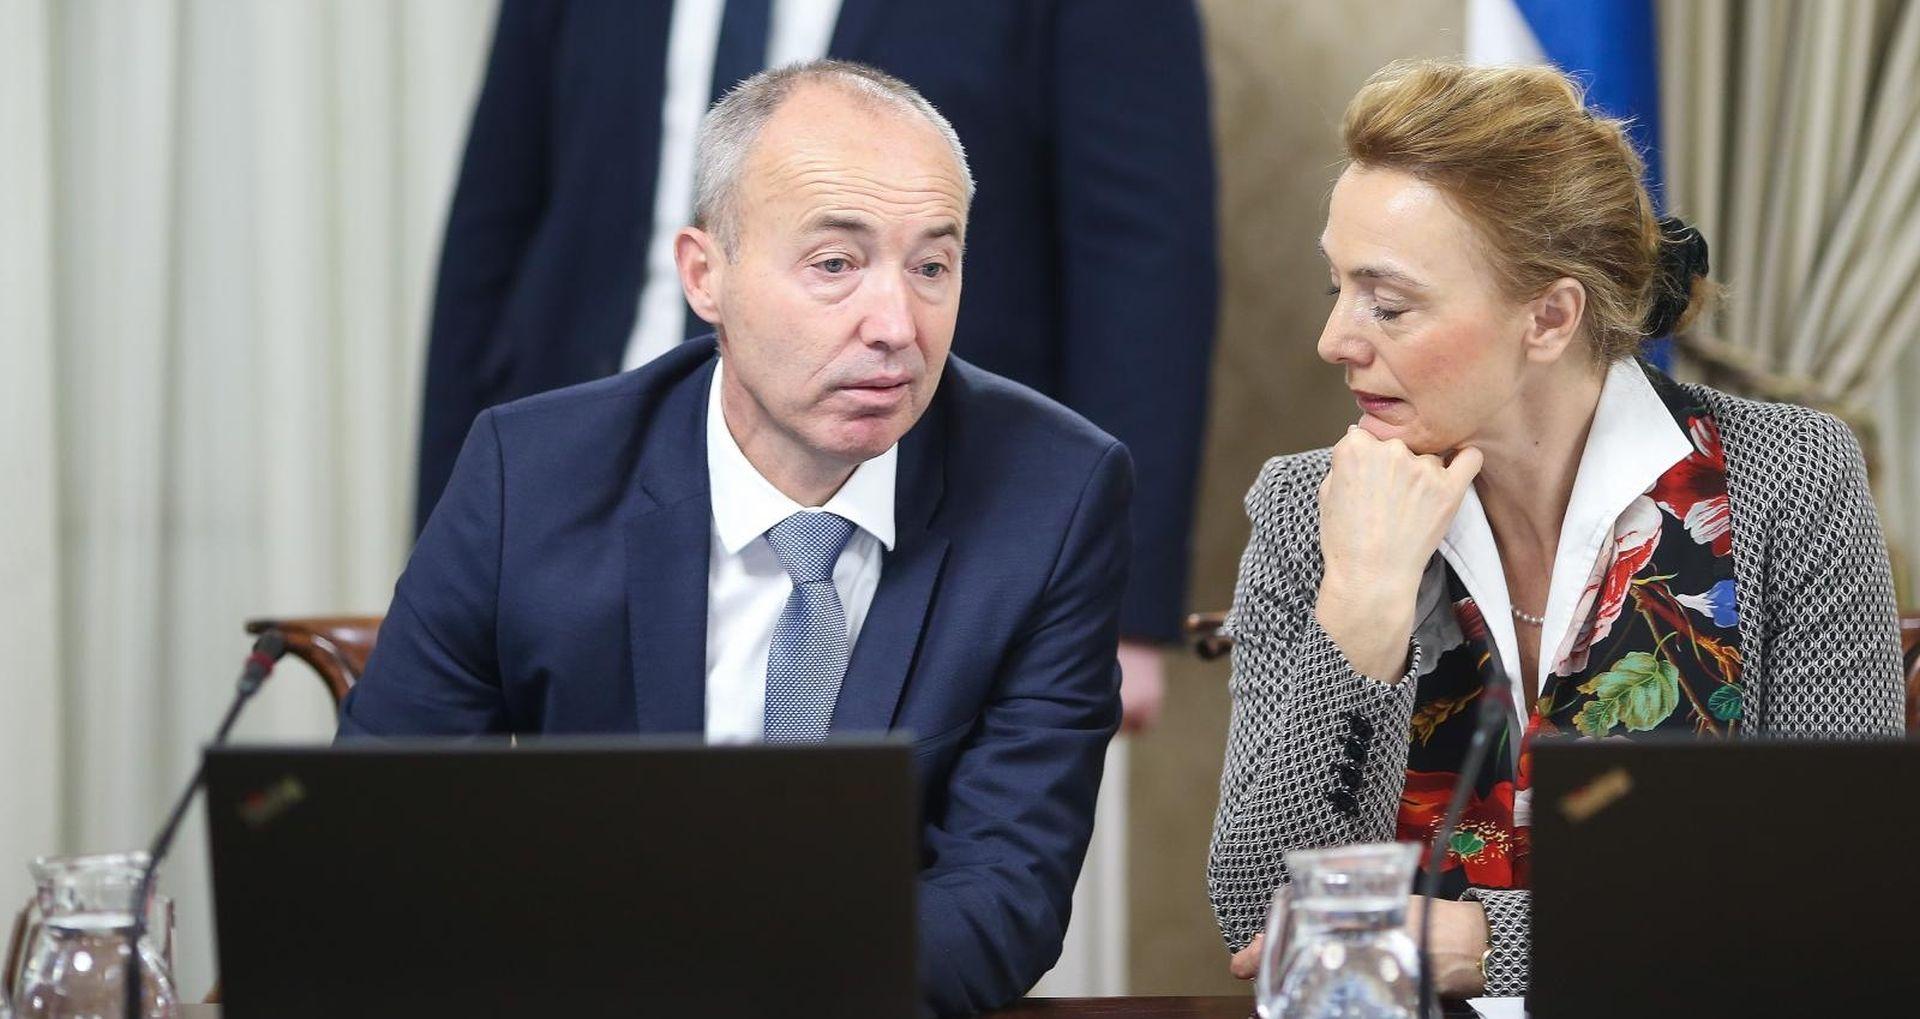 SJEDNICA VLADE Poništena odluka o nabavi borbenih aviona